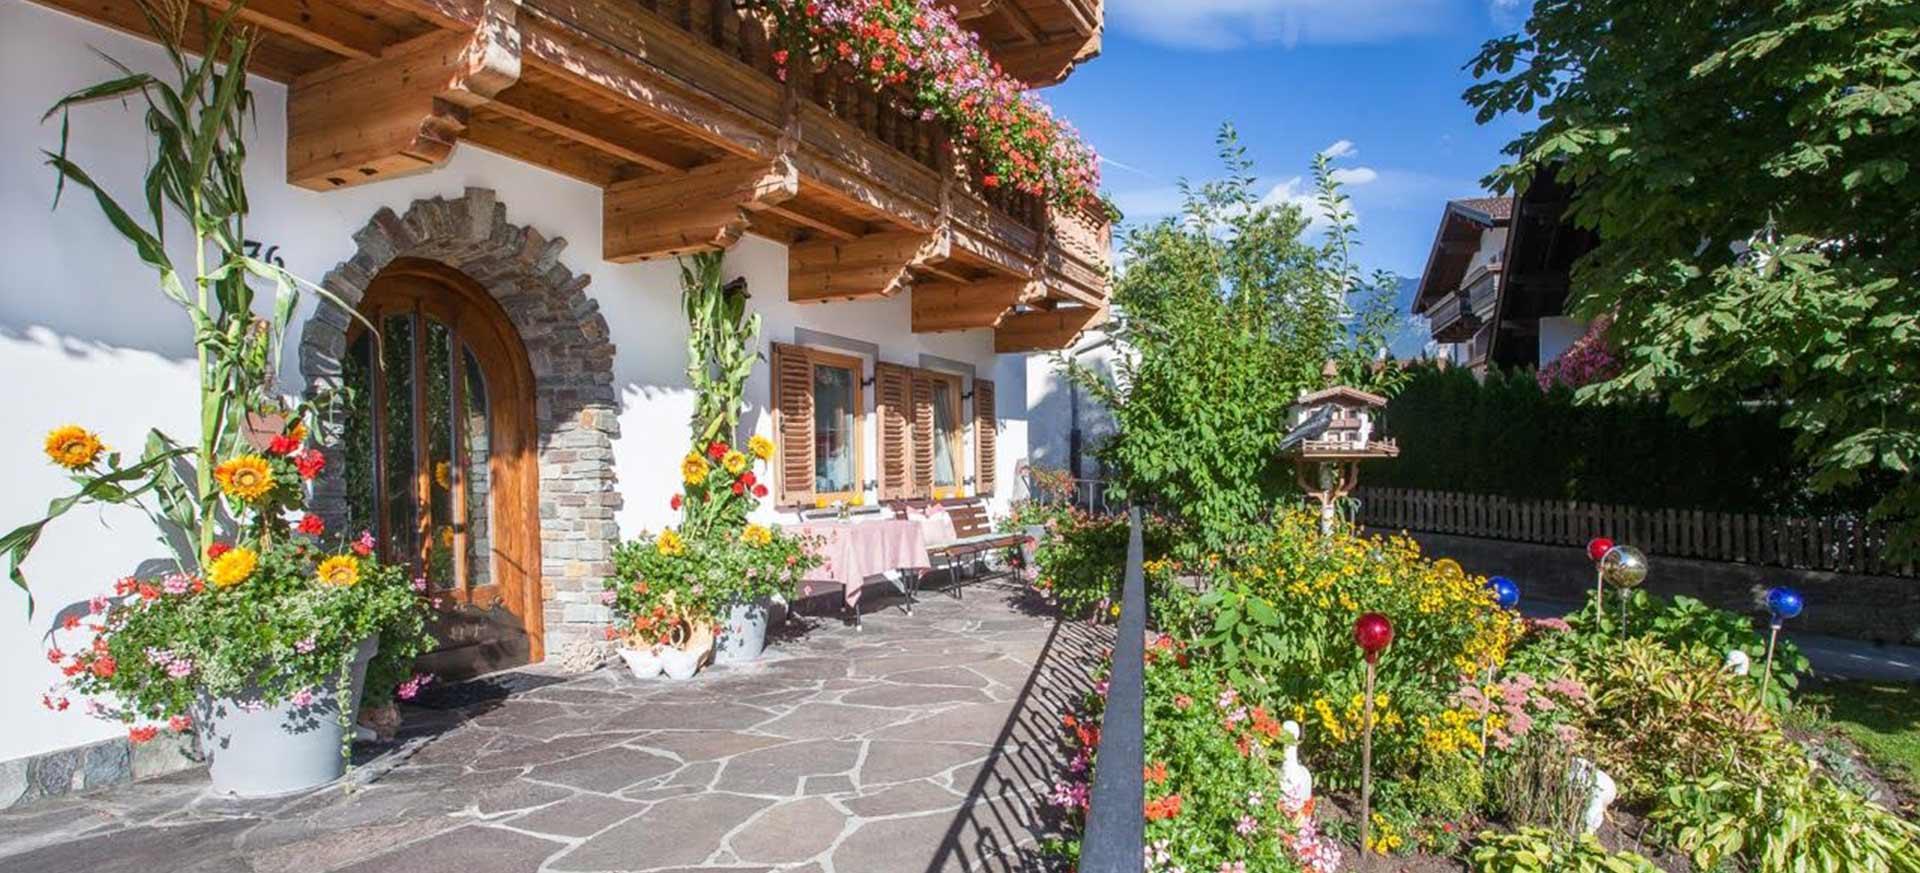 brixnerhof im Zillertal: Haus Sommer